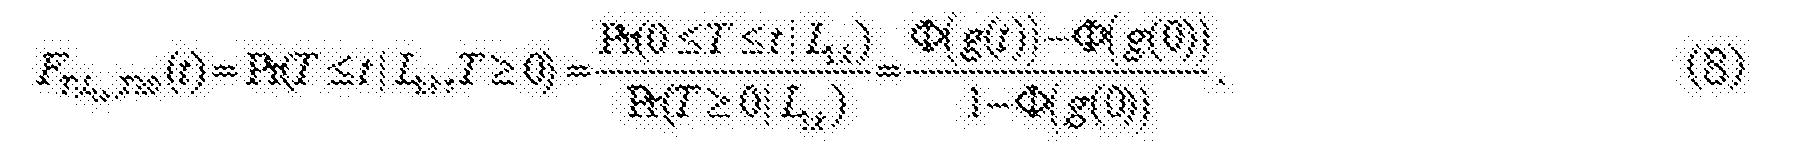 Figure CN104573881BD00105